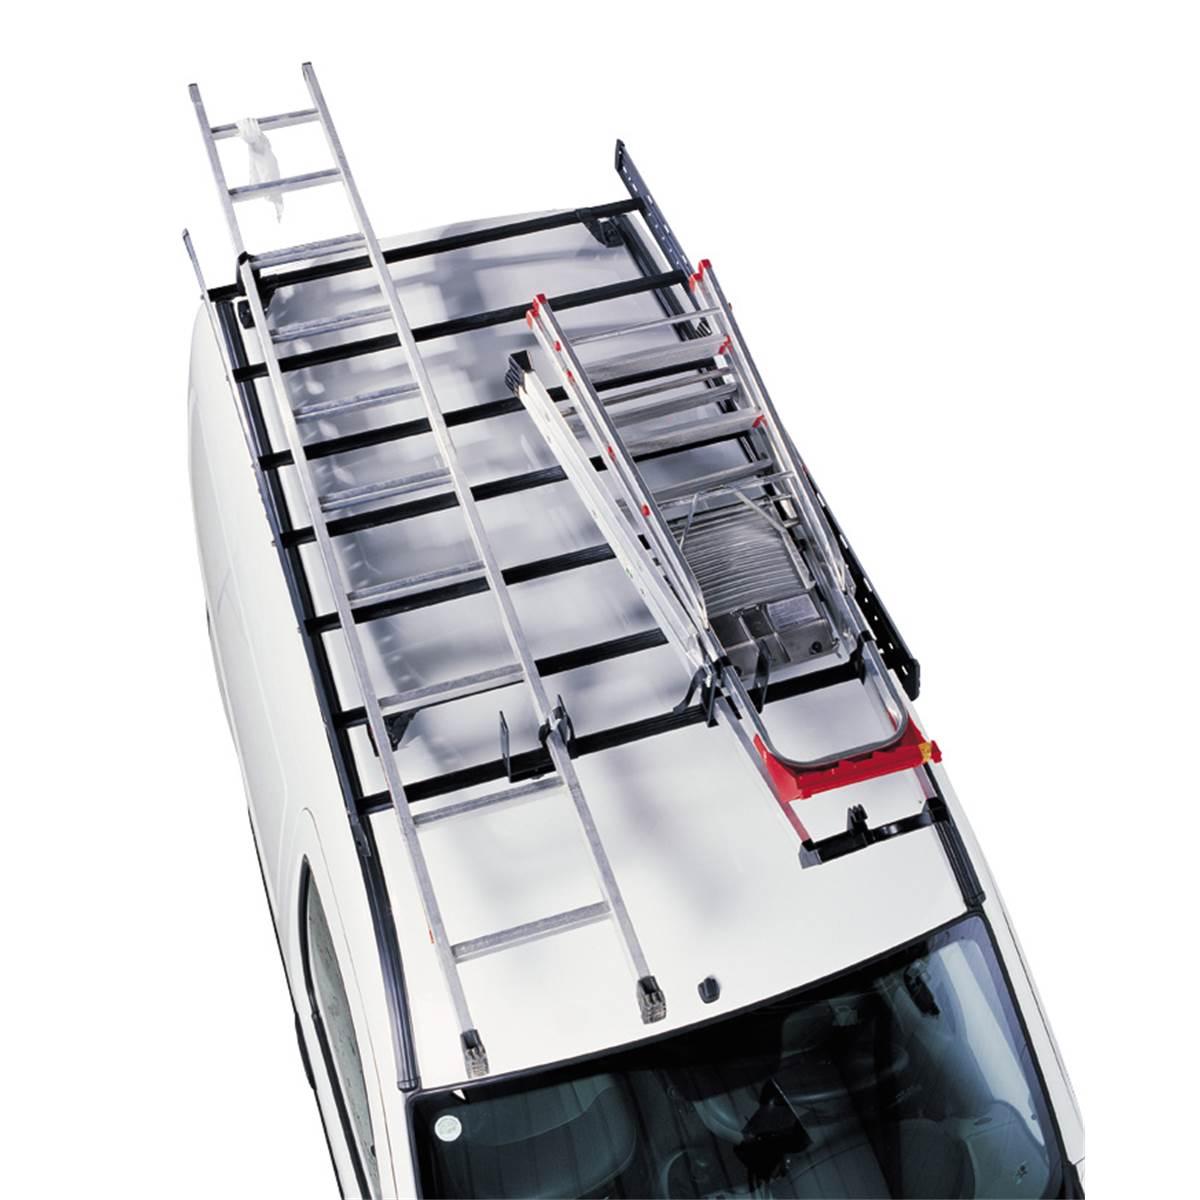 Galerie pour véhicule utilitaire PRO DECK MONT BLANC 604